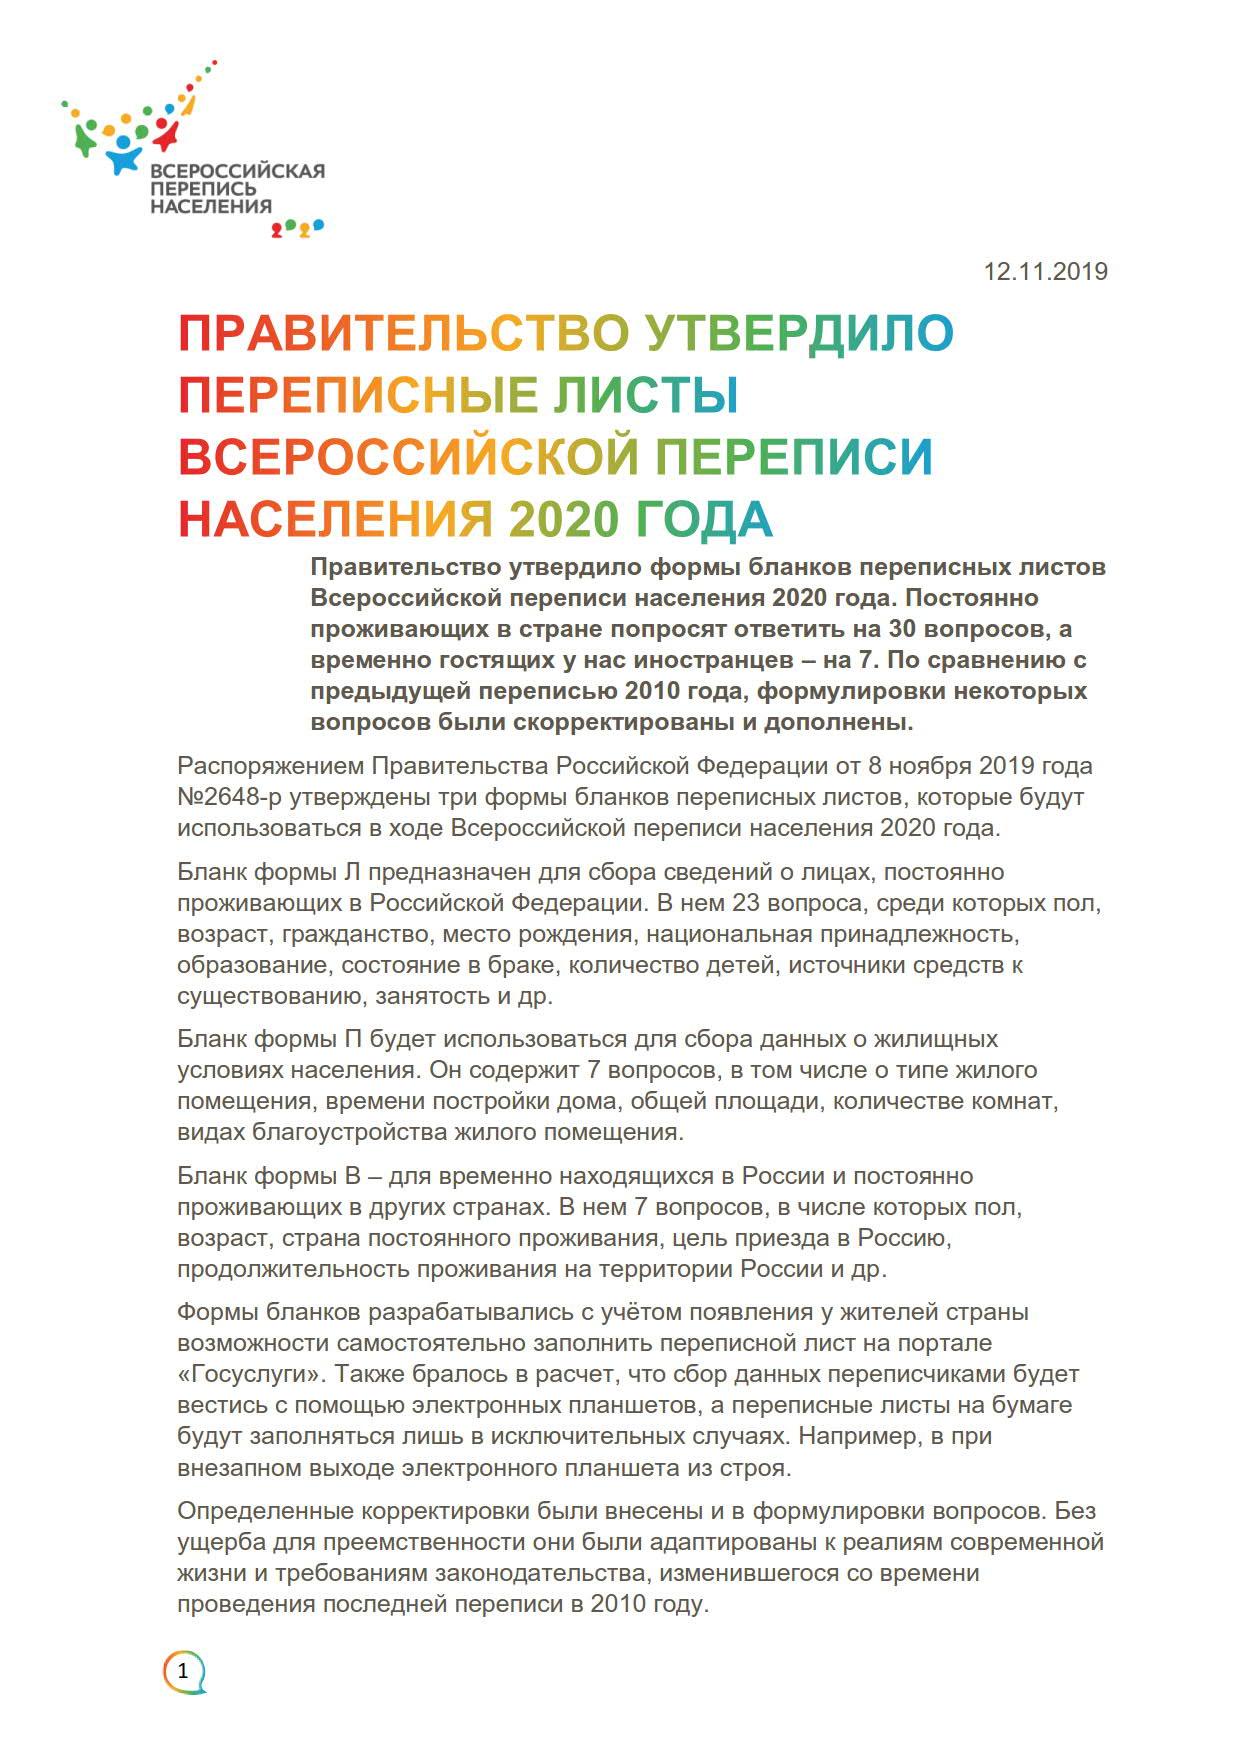 Релиз_Распоряжение Правительства о переписных листах_1